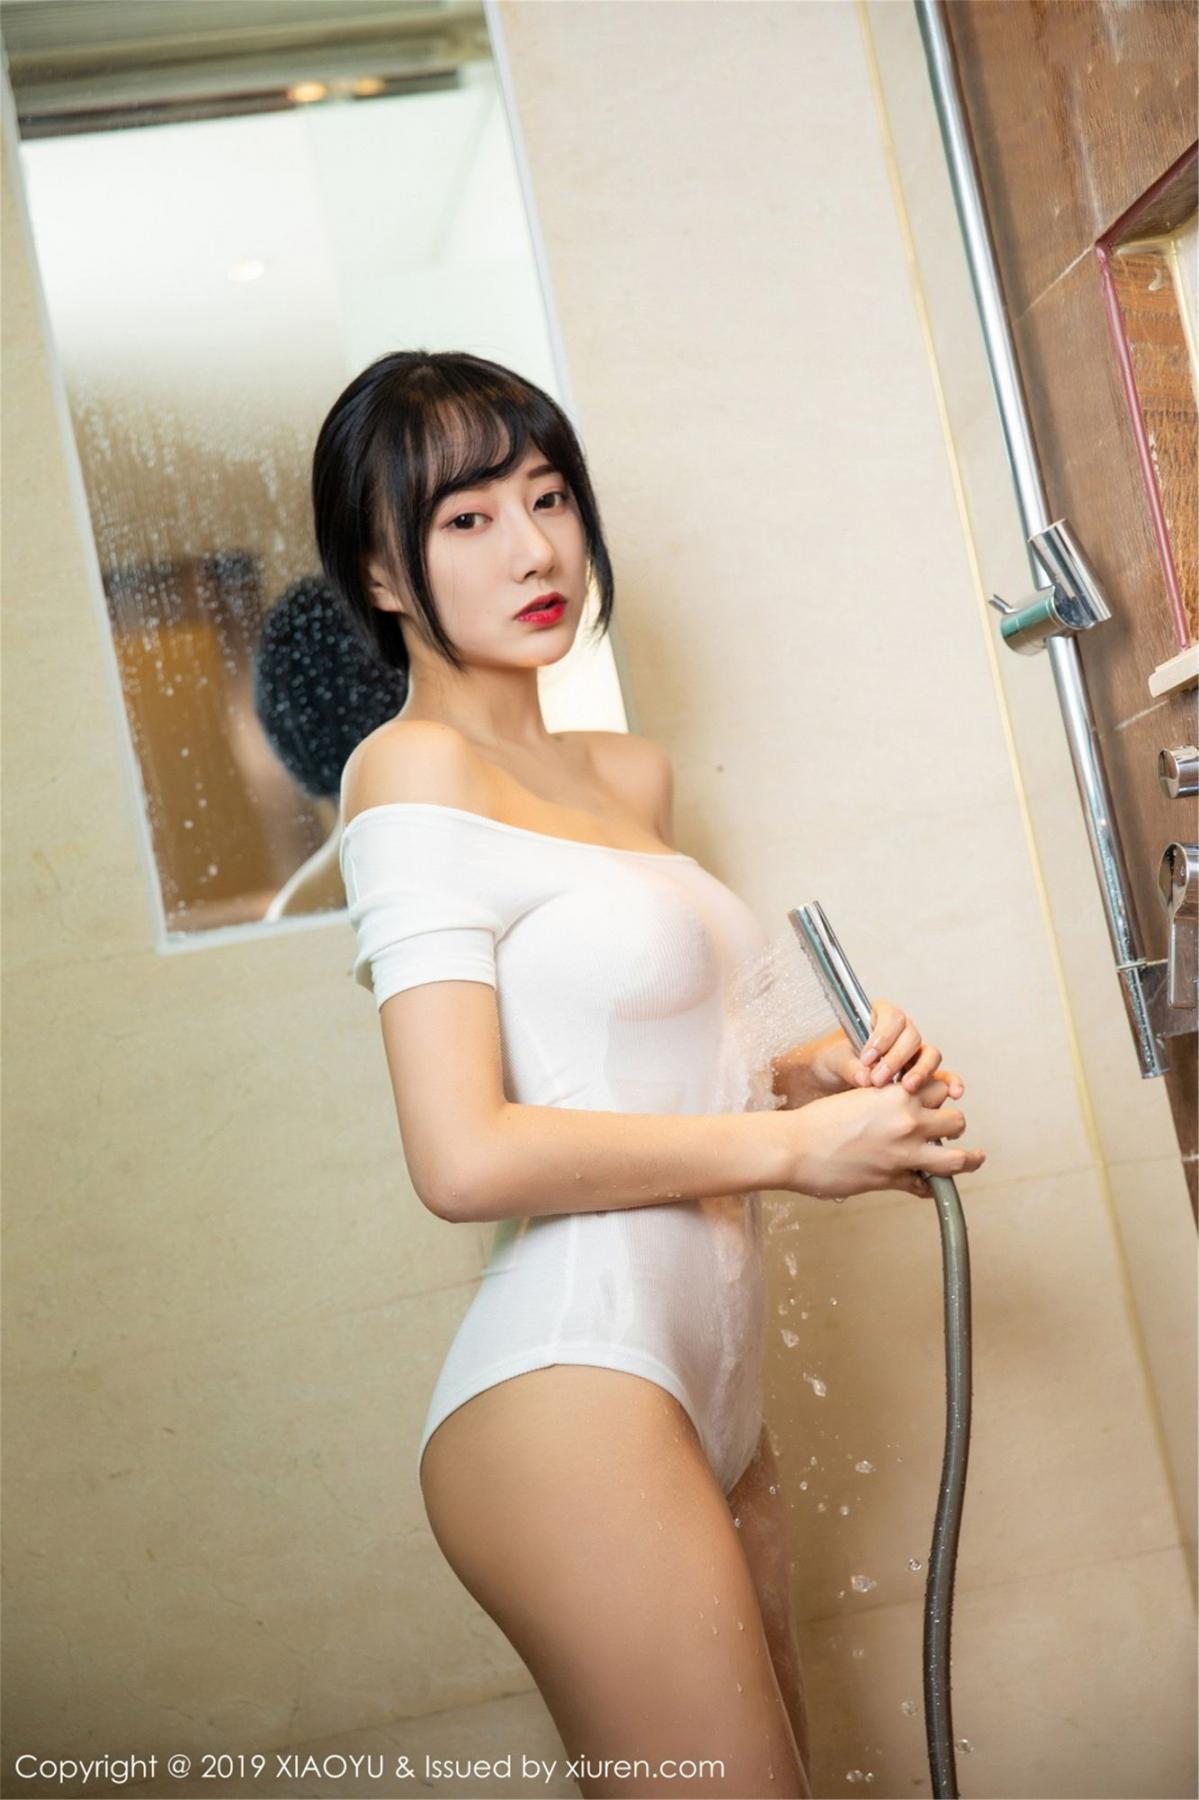 [XiaoYu] Vol.116 He Jia Ying 27P, Bathroom, He Jia Ying, Wet, XiaoYu